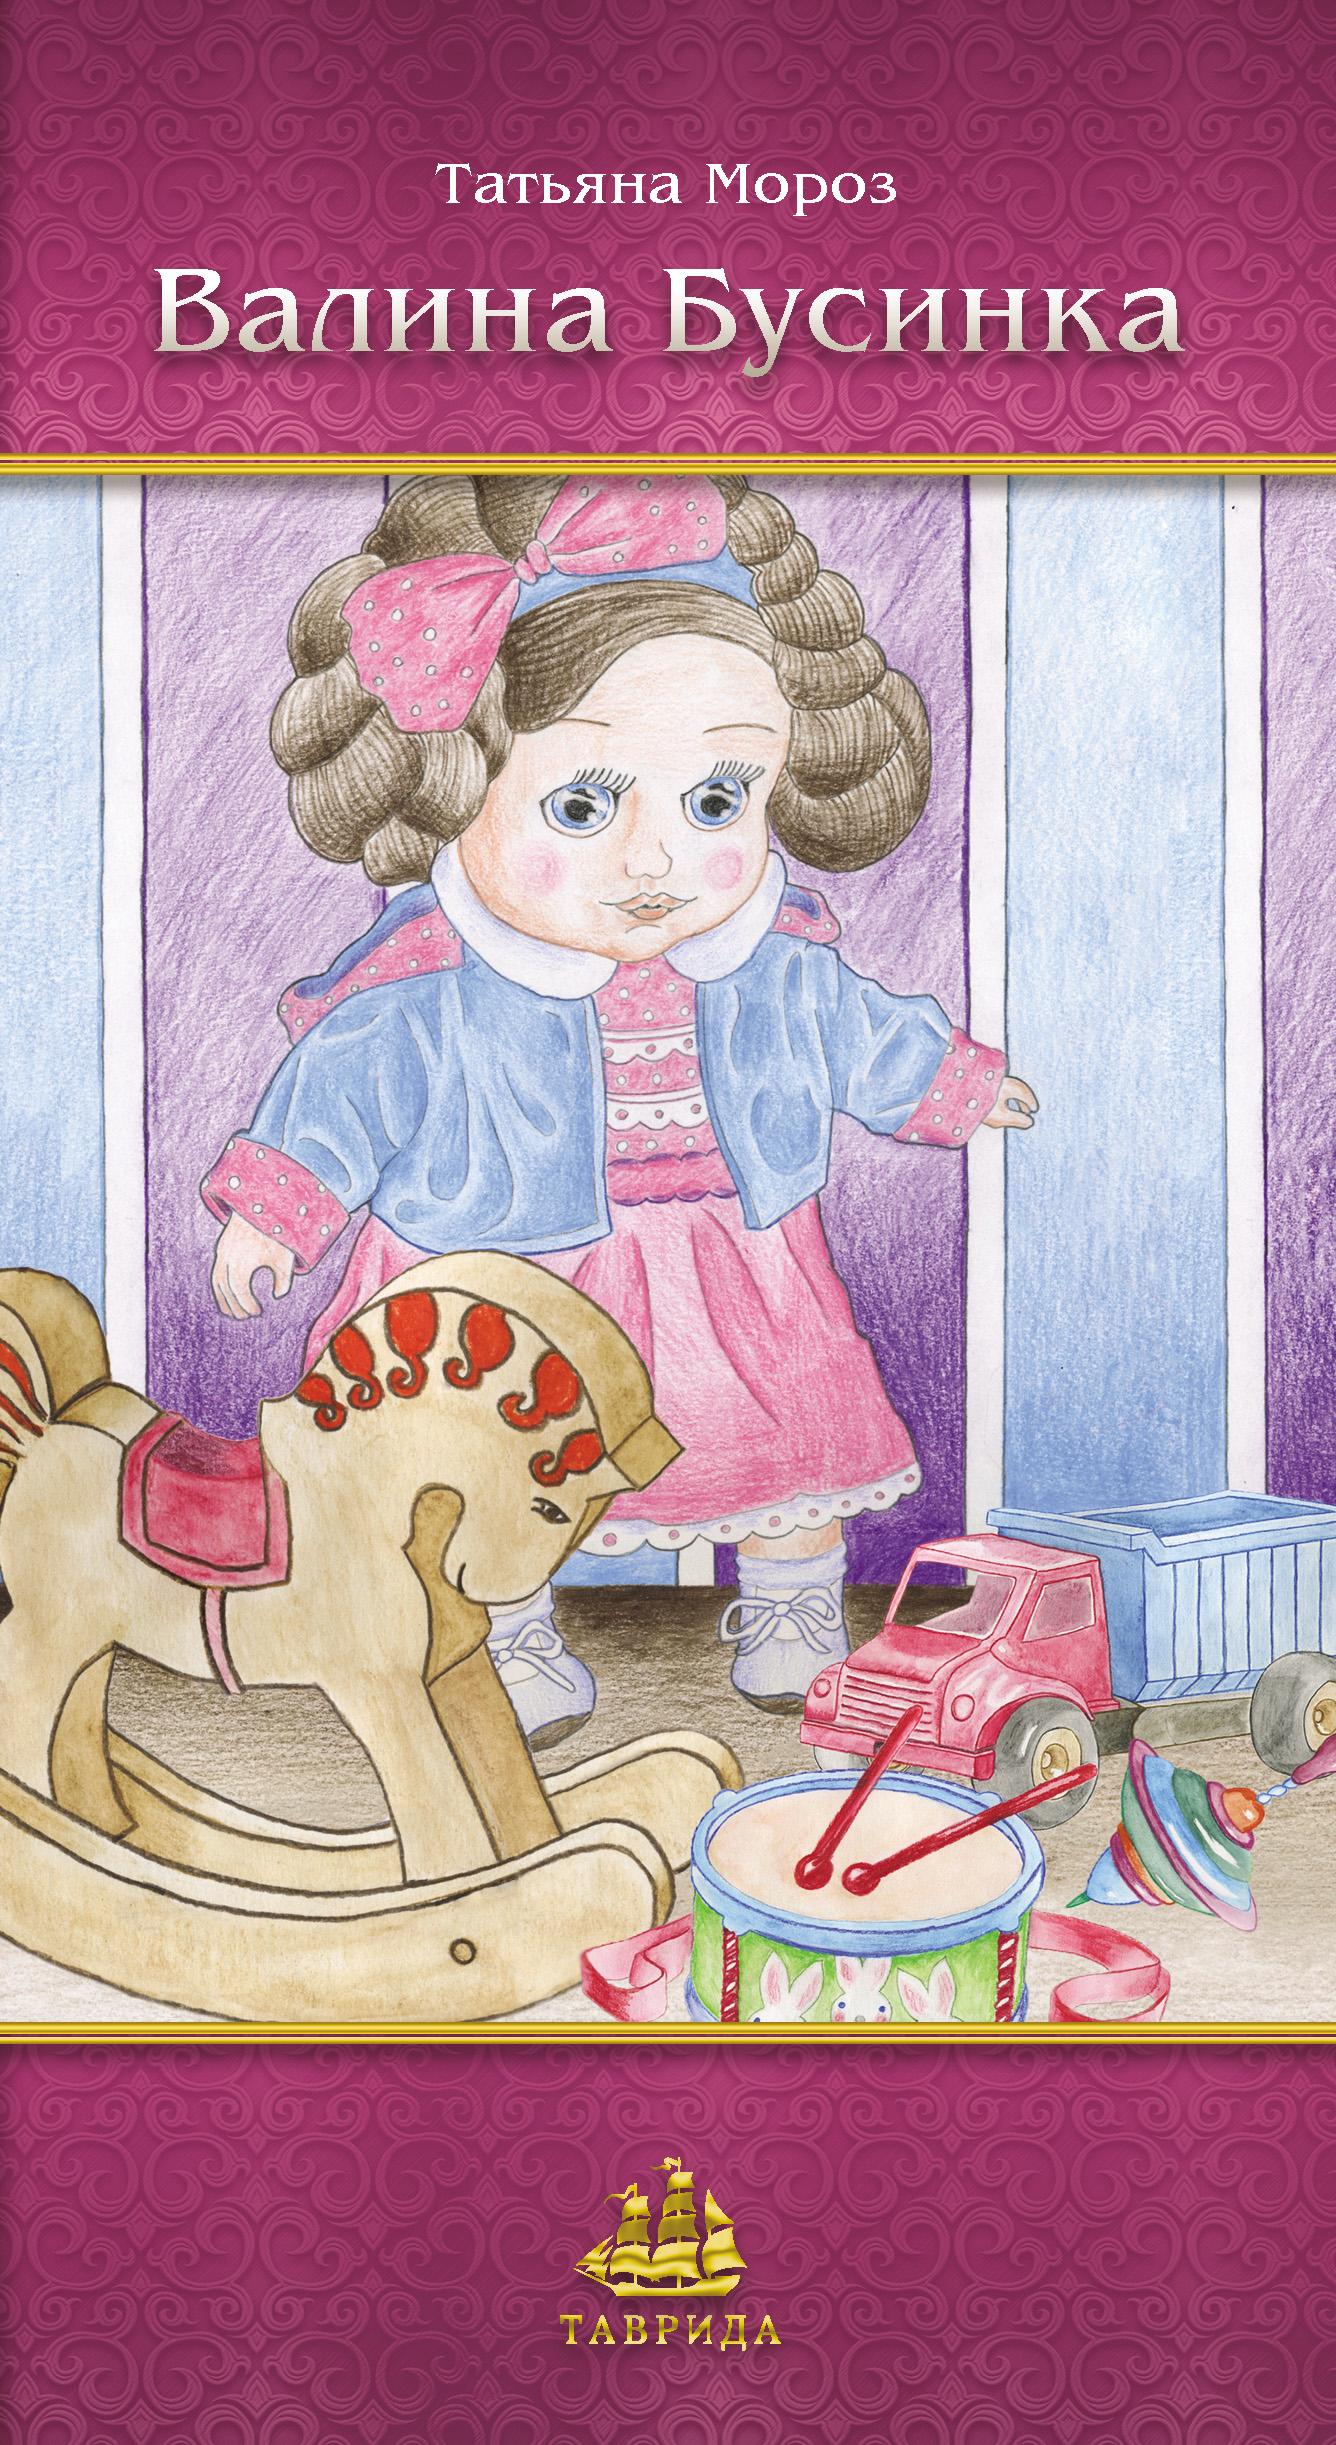 Татьяна Мороз Валина бусинка бусинка молокоотсос бусинка поршневой